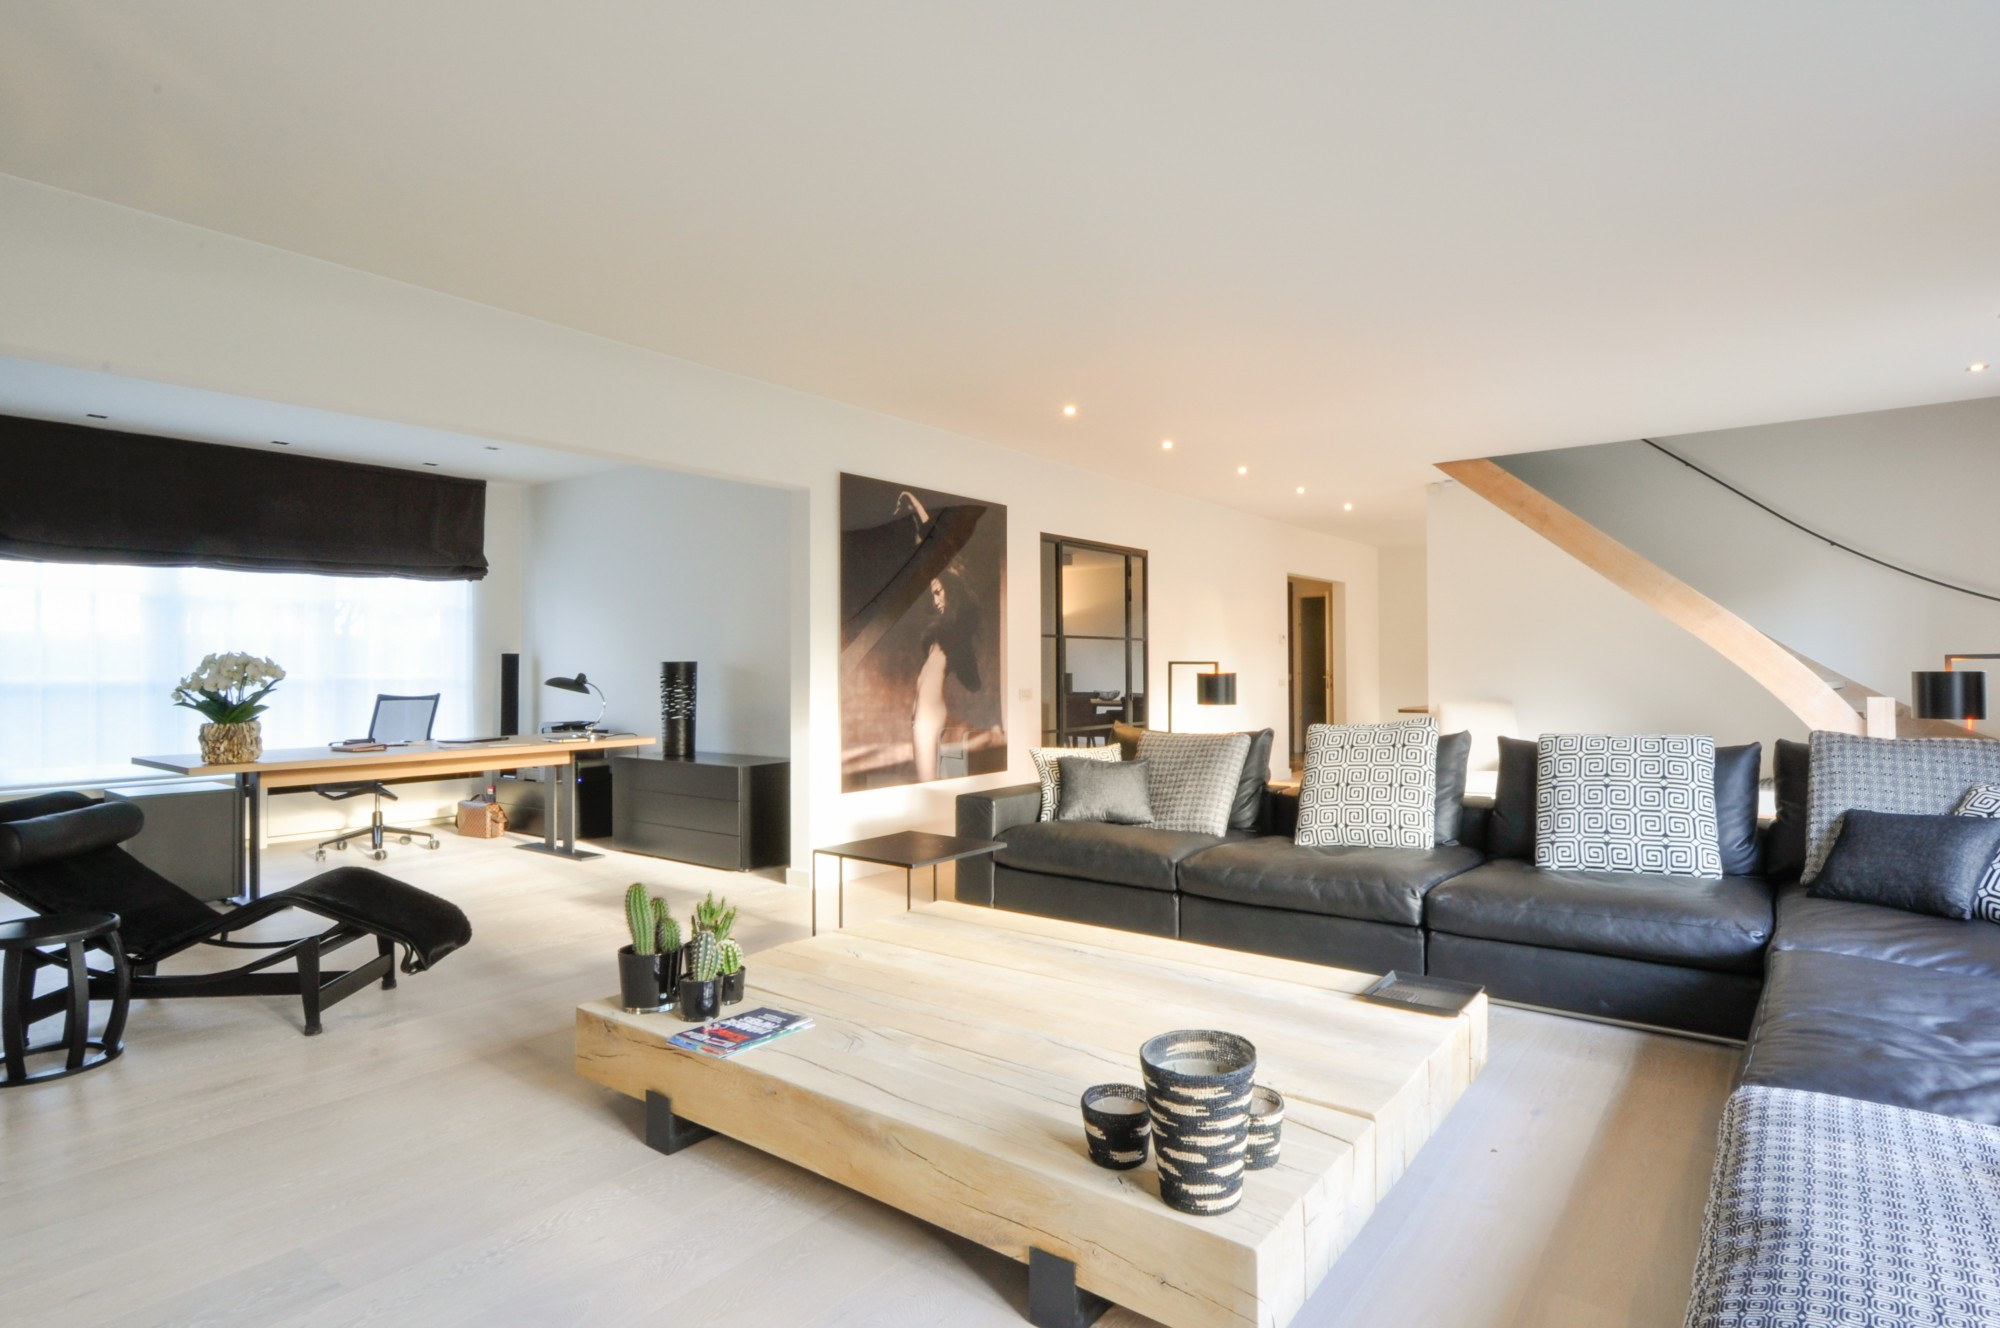 Ventes villa t3 f3 knokke zoute nieuwbouwvilla graaf for Nouvelle construction maison